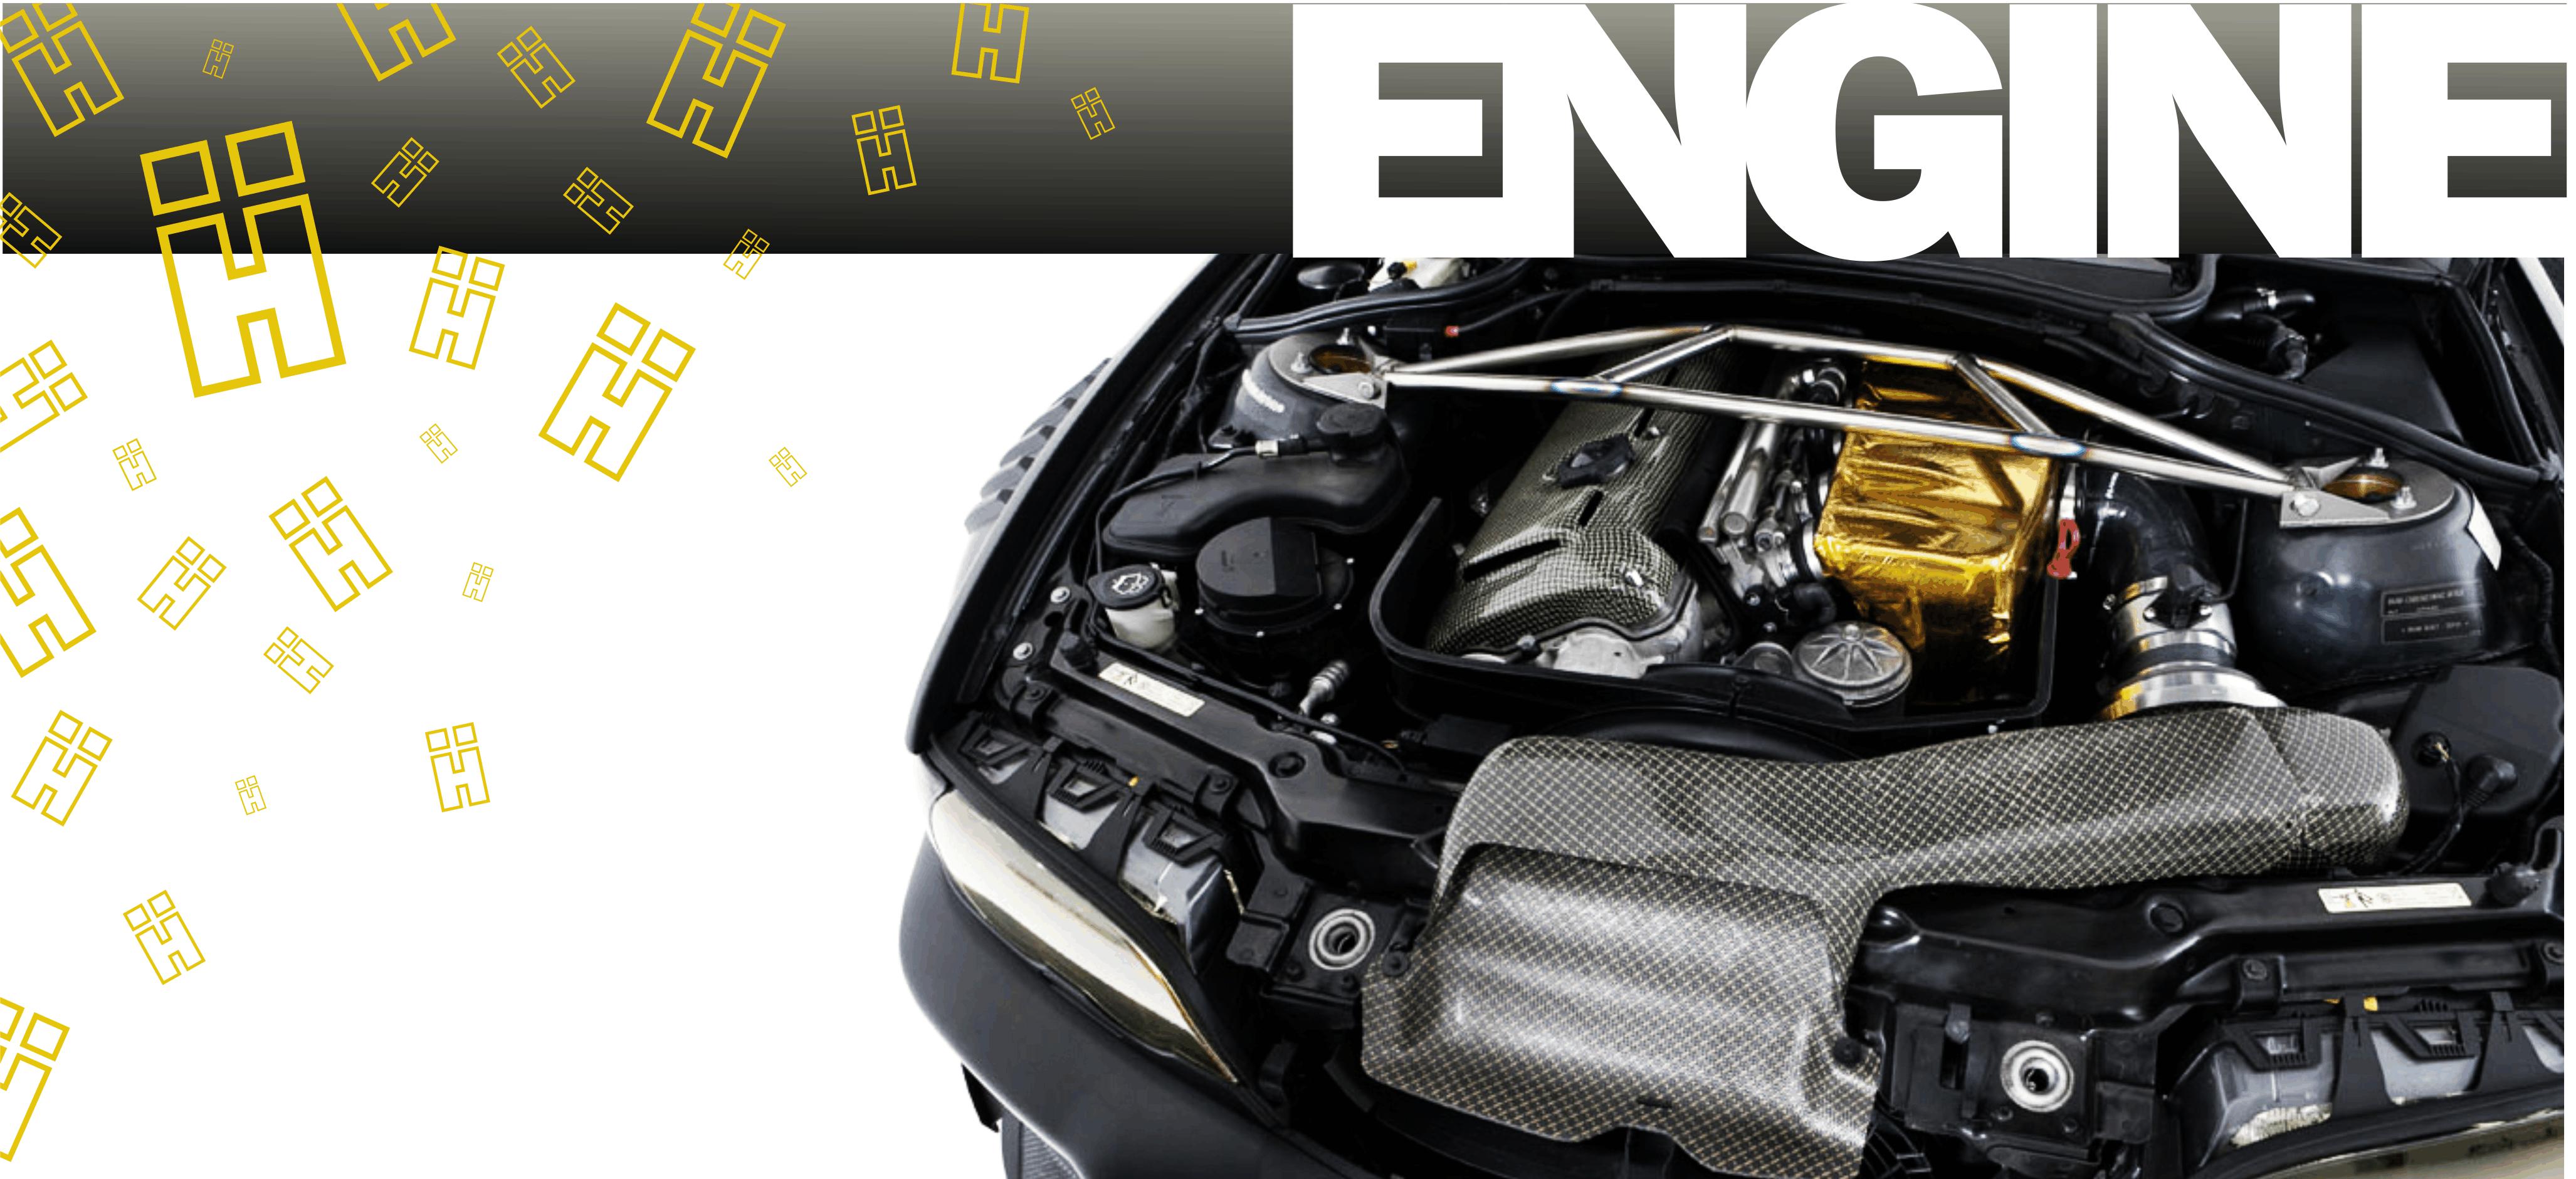 E46 E36 E90 E92 Engine performance racing parts track